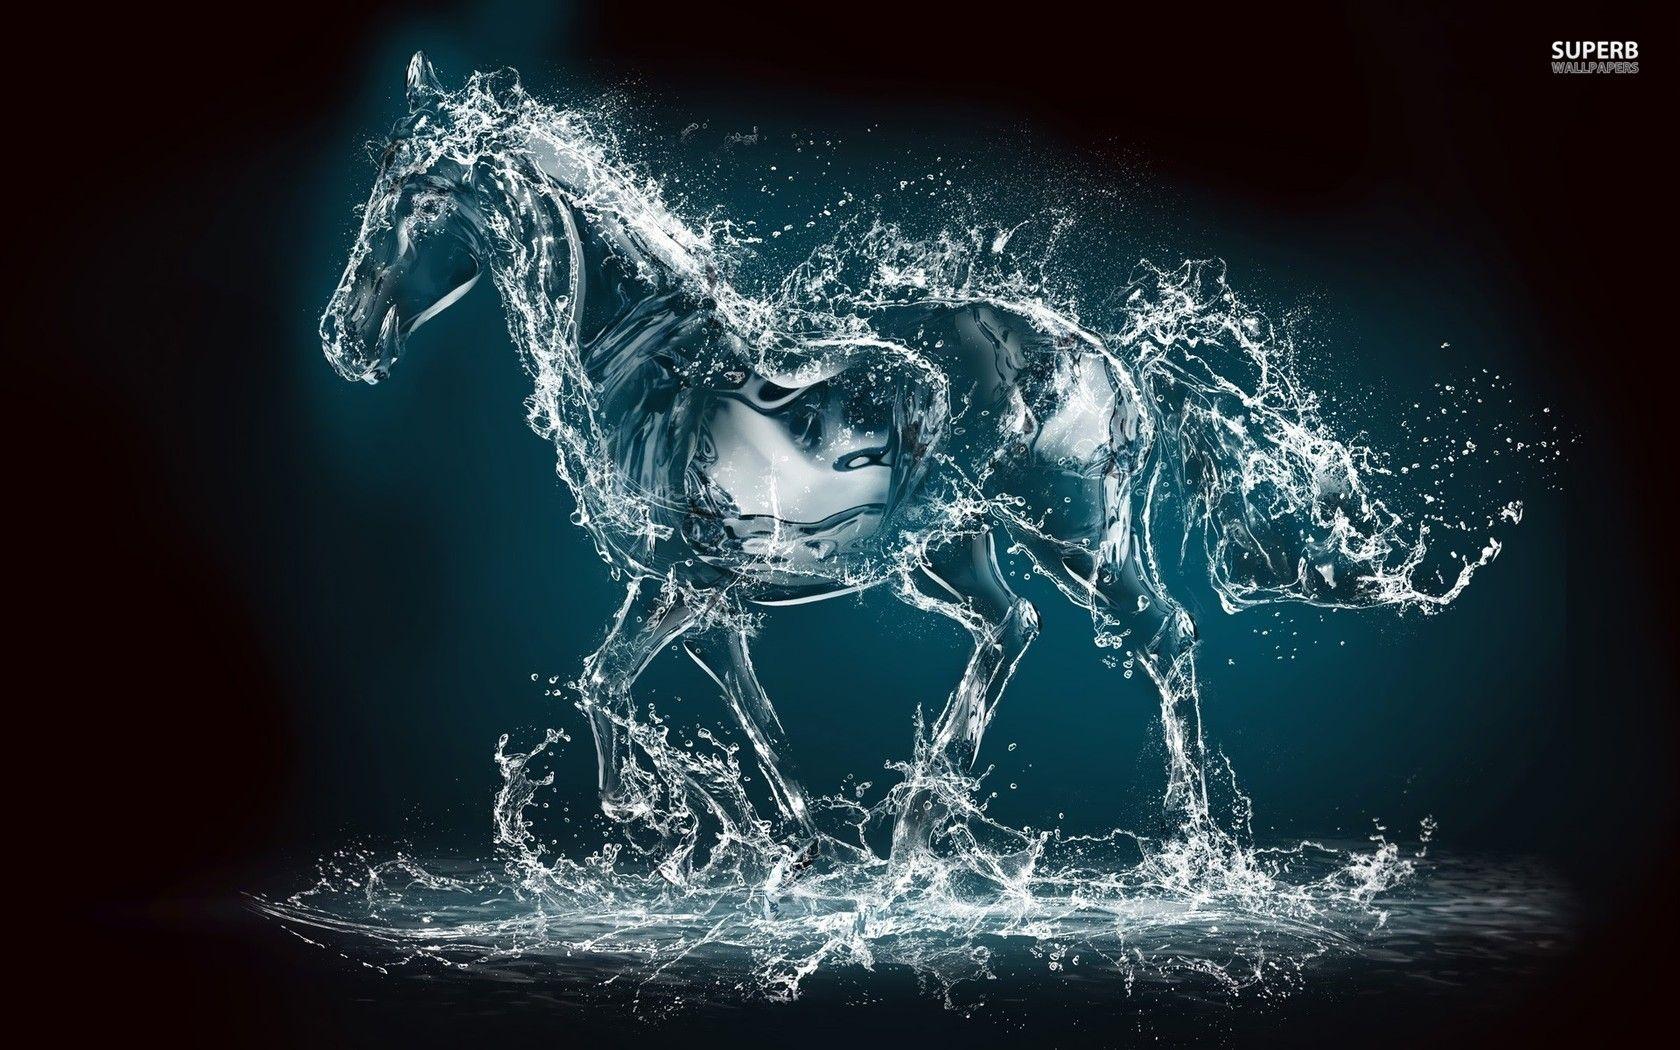 Water Horse Wallpaper Water Art Horse Wallpaper Horse Water